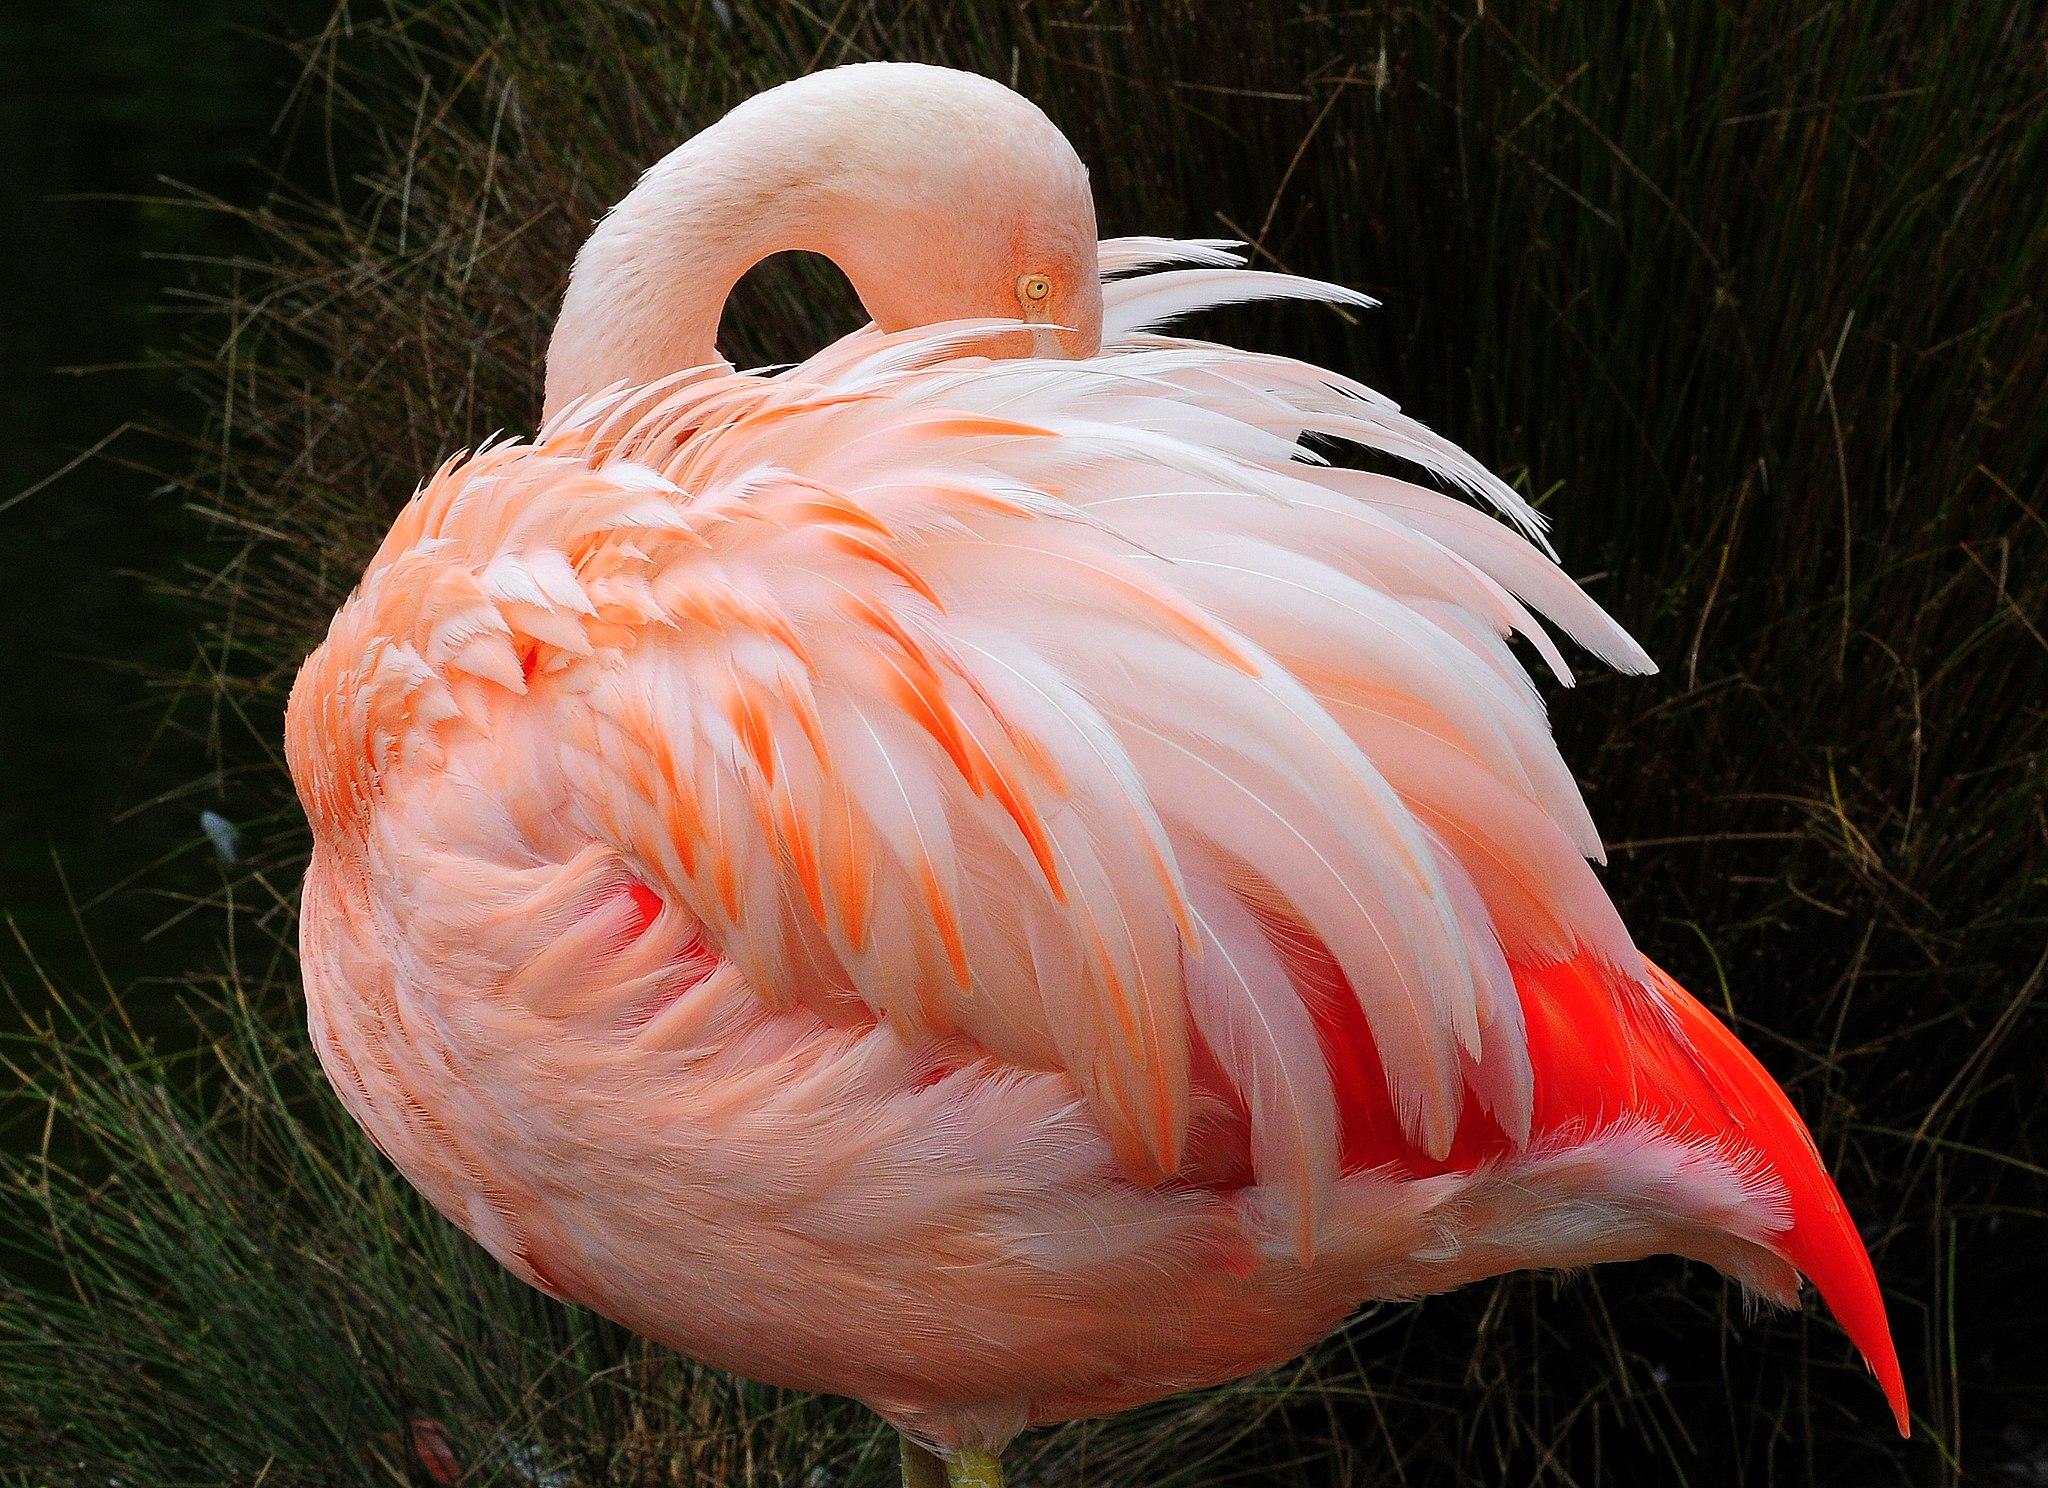 A pink flamingo at the San Francisco Zoo in San Francisco, California, USA.